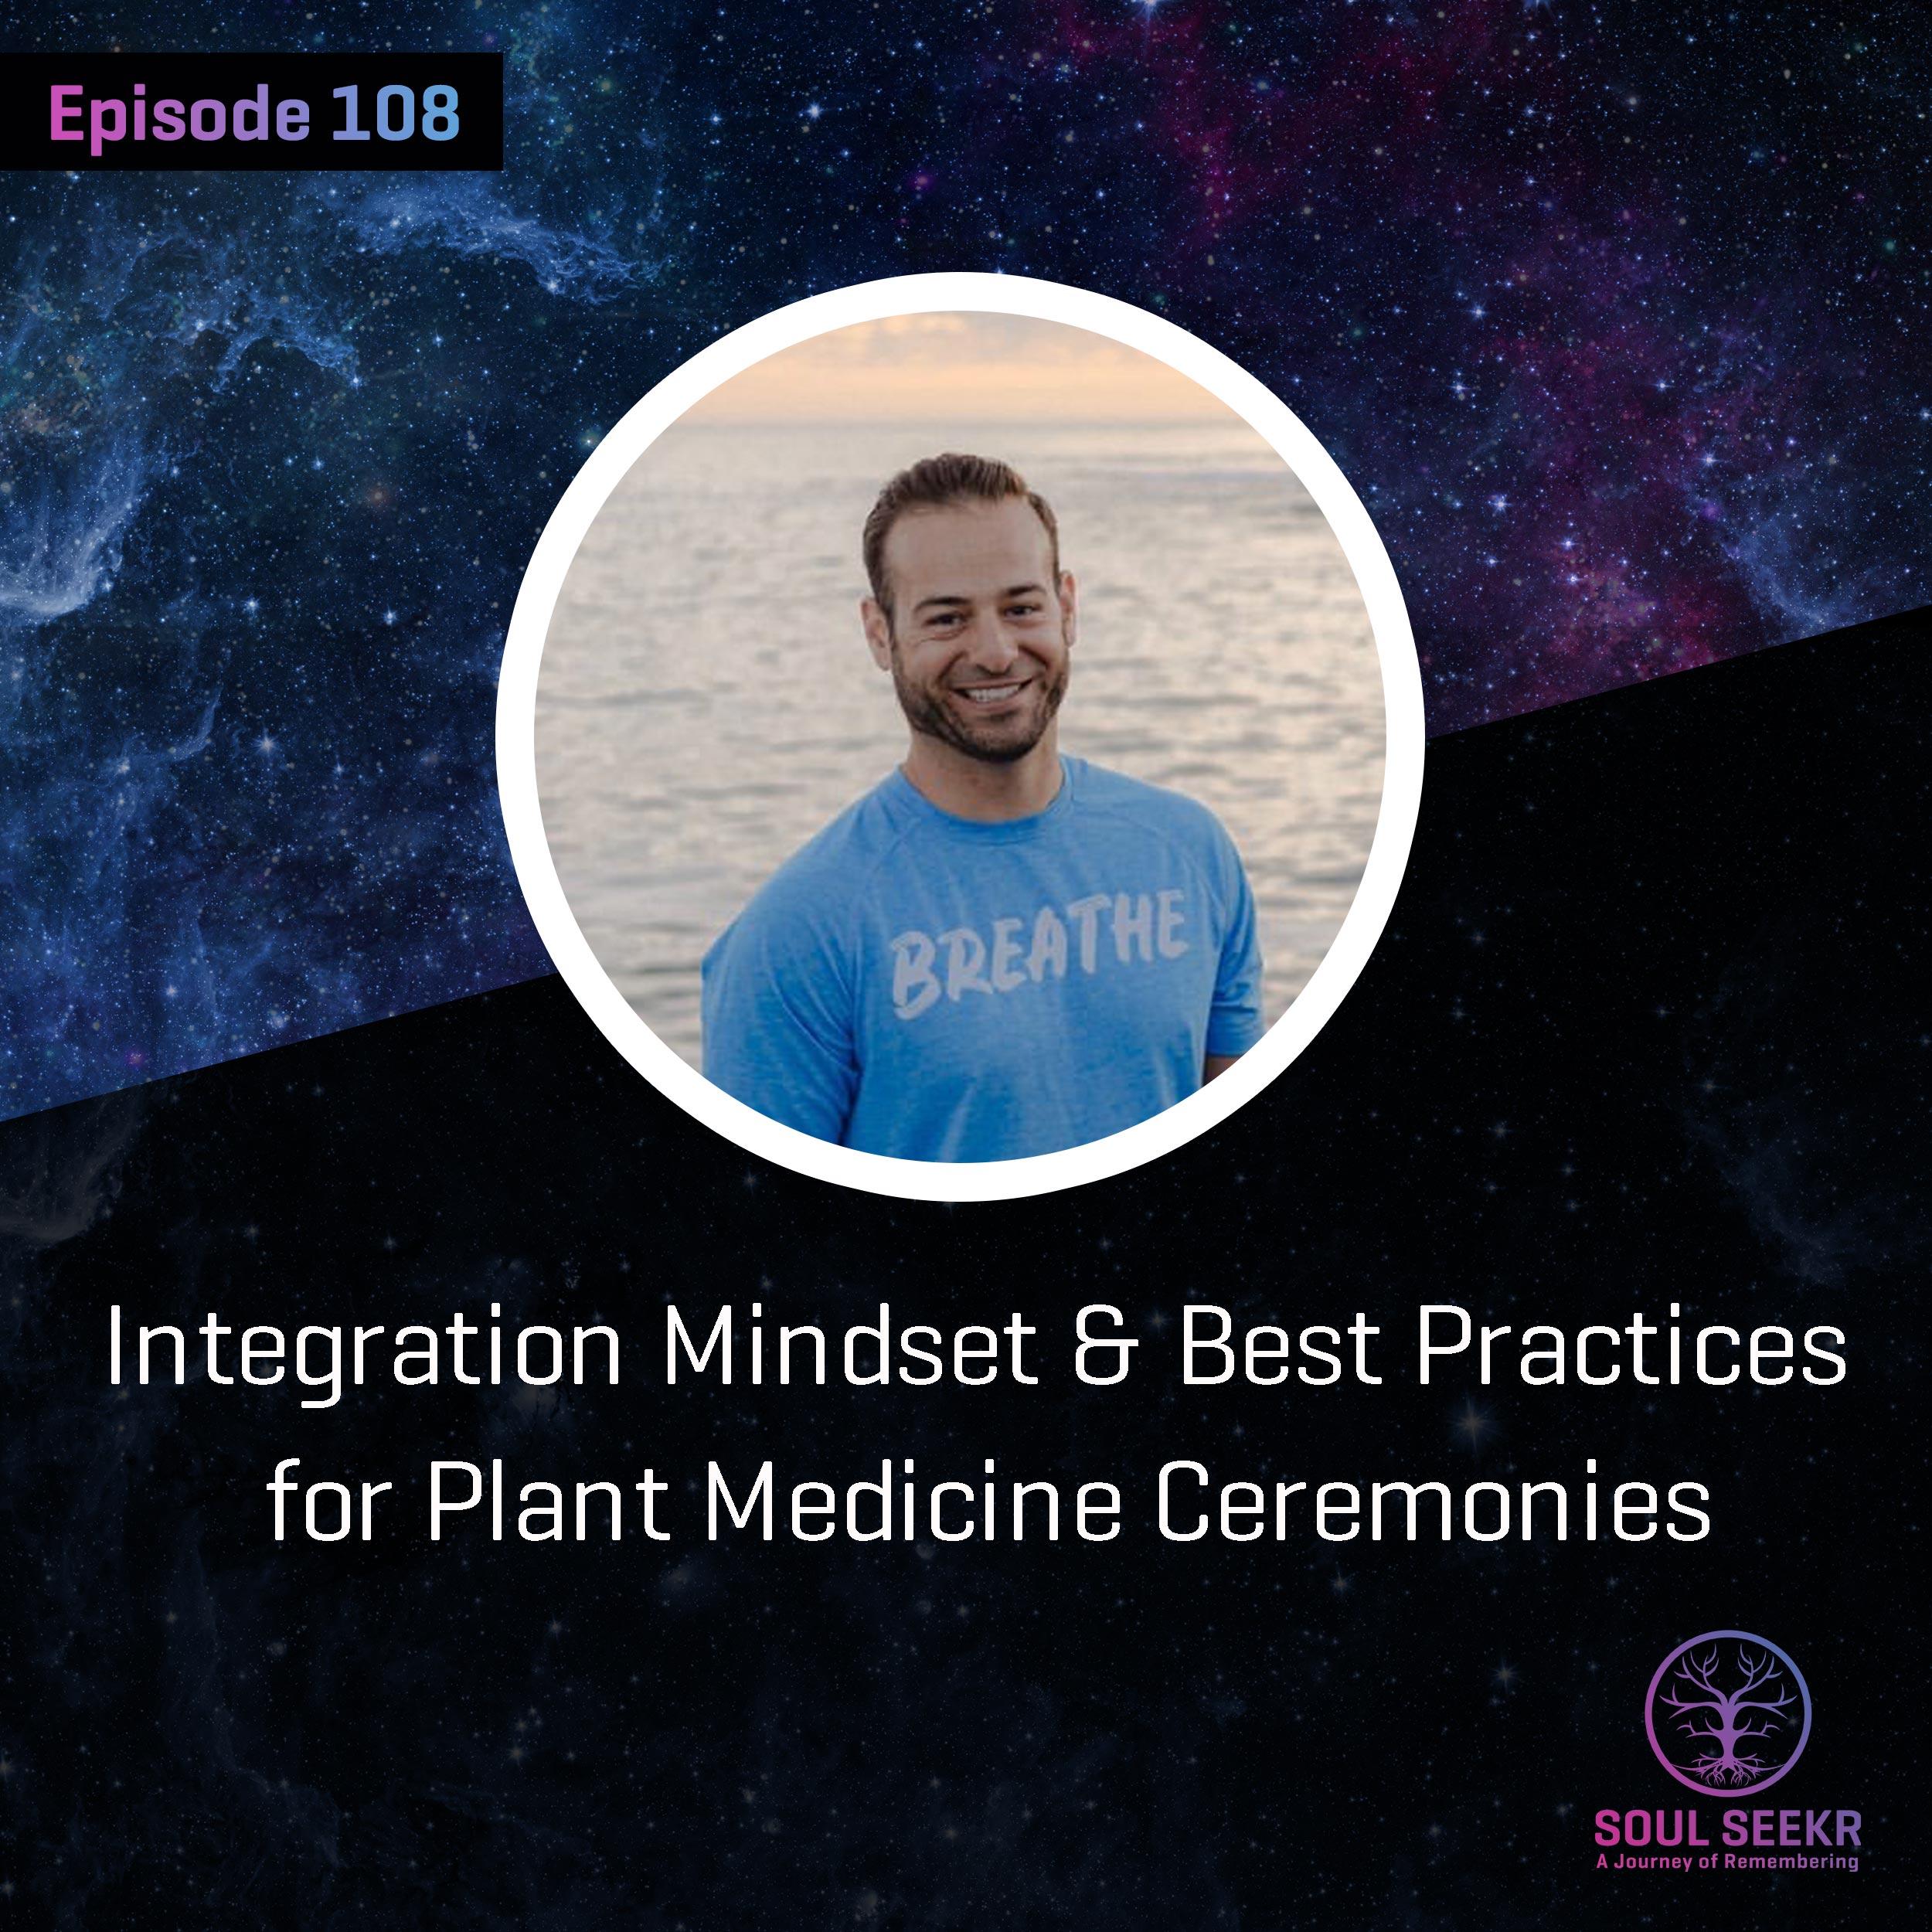 #Ep 108:  Integration Mindset & Best Practices for Plant Medicine Ceremonies